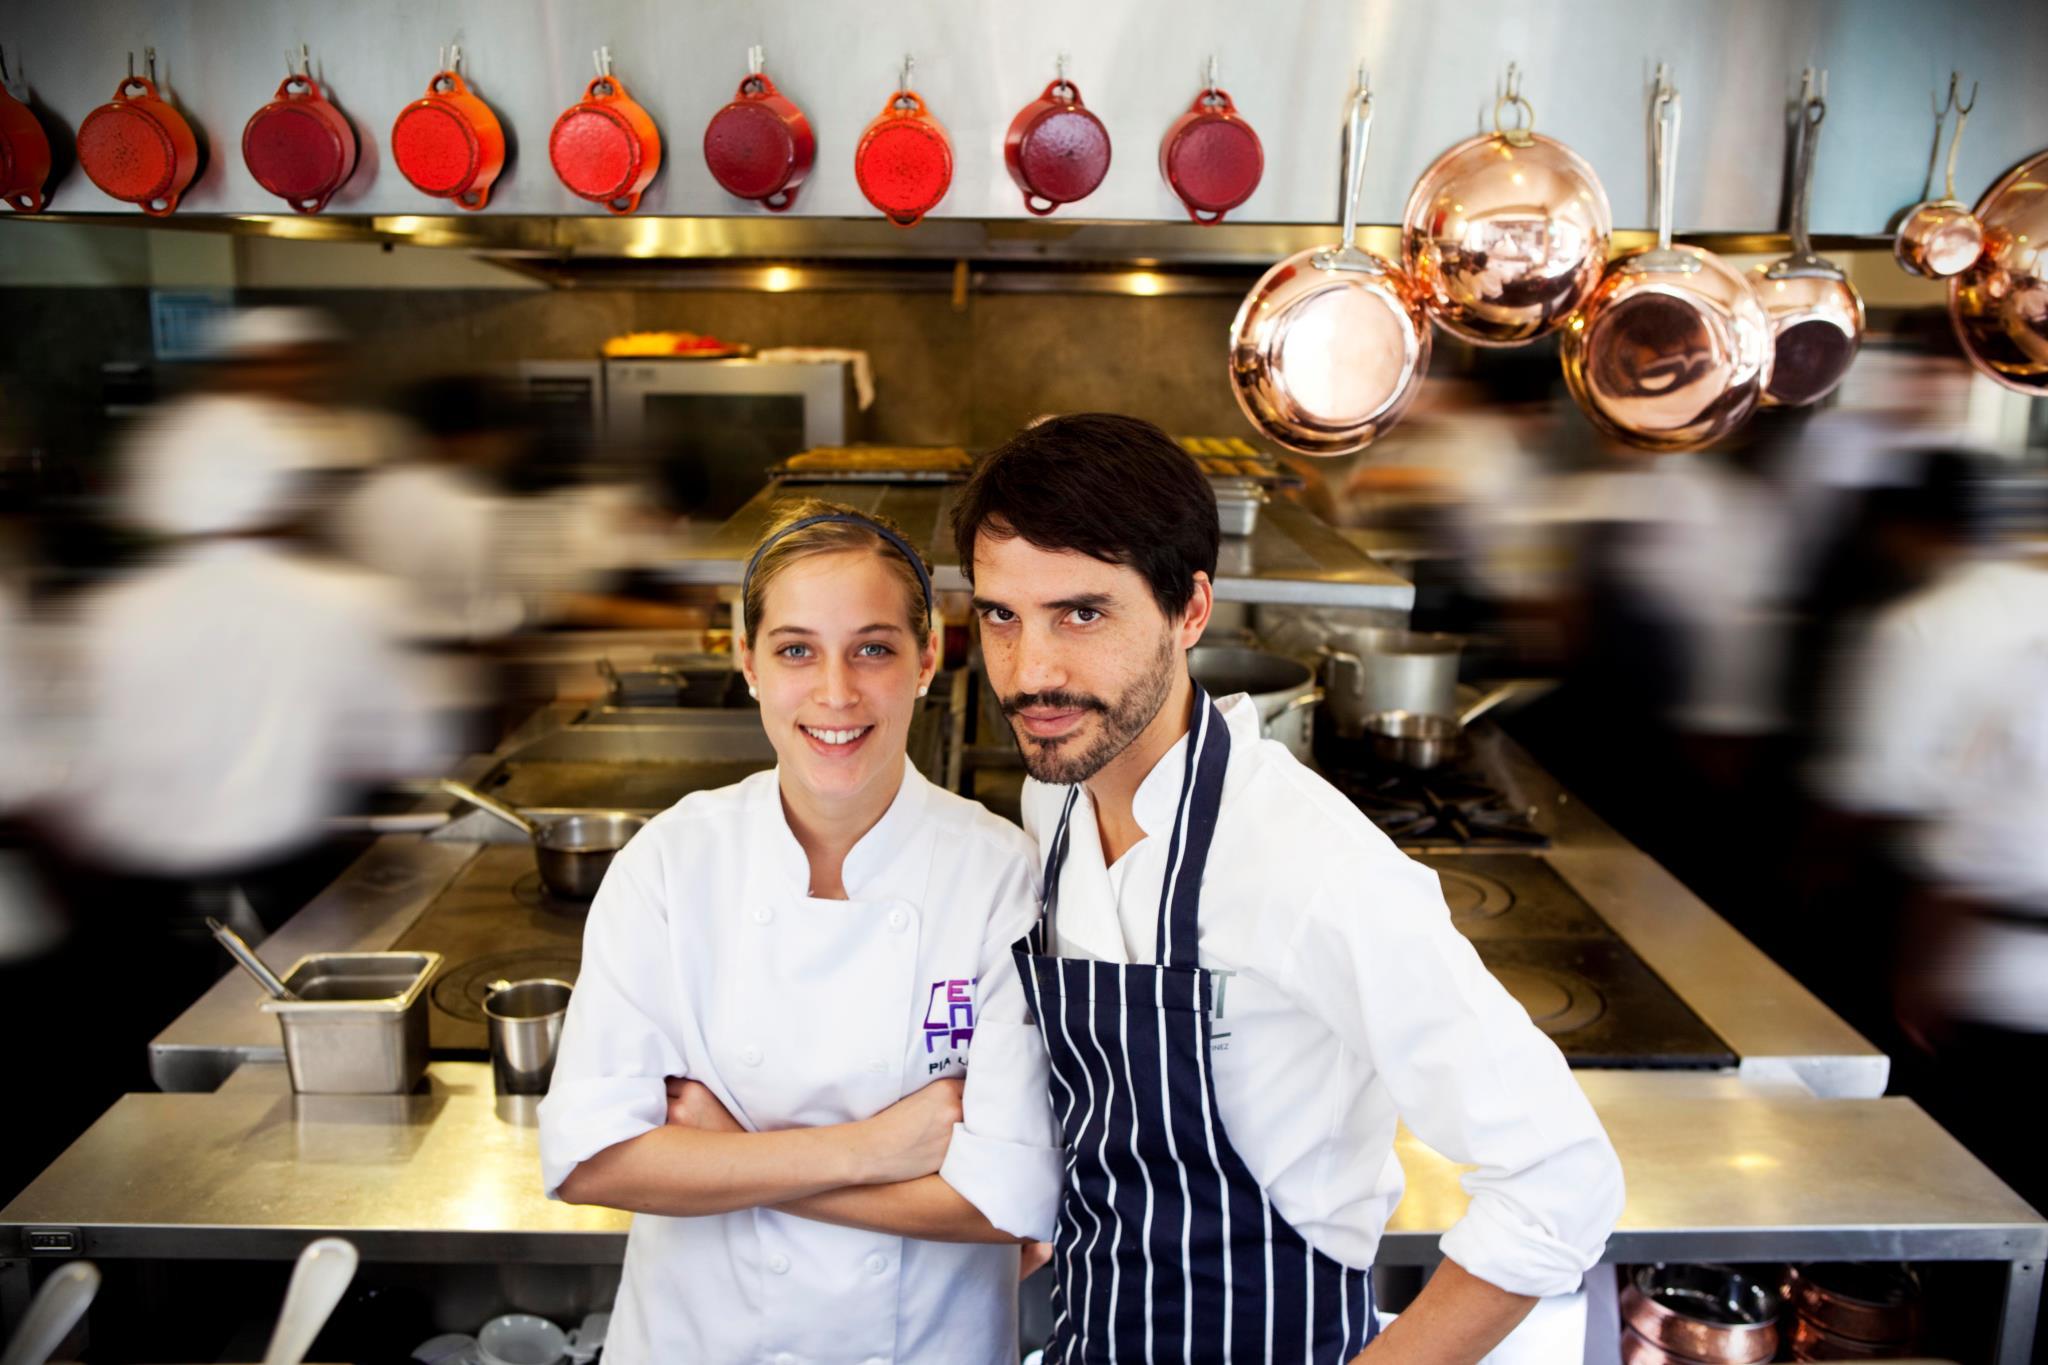 50 Melhores Restaurantes do Mundo, 3 estão em Lima no Peru